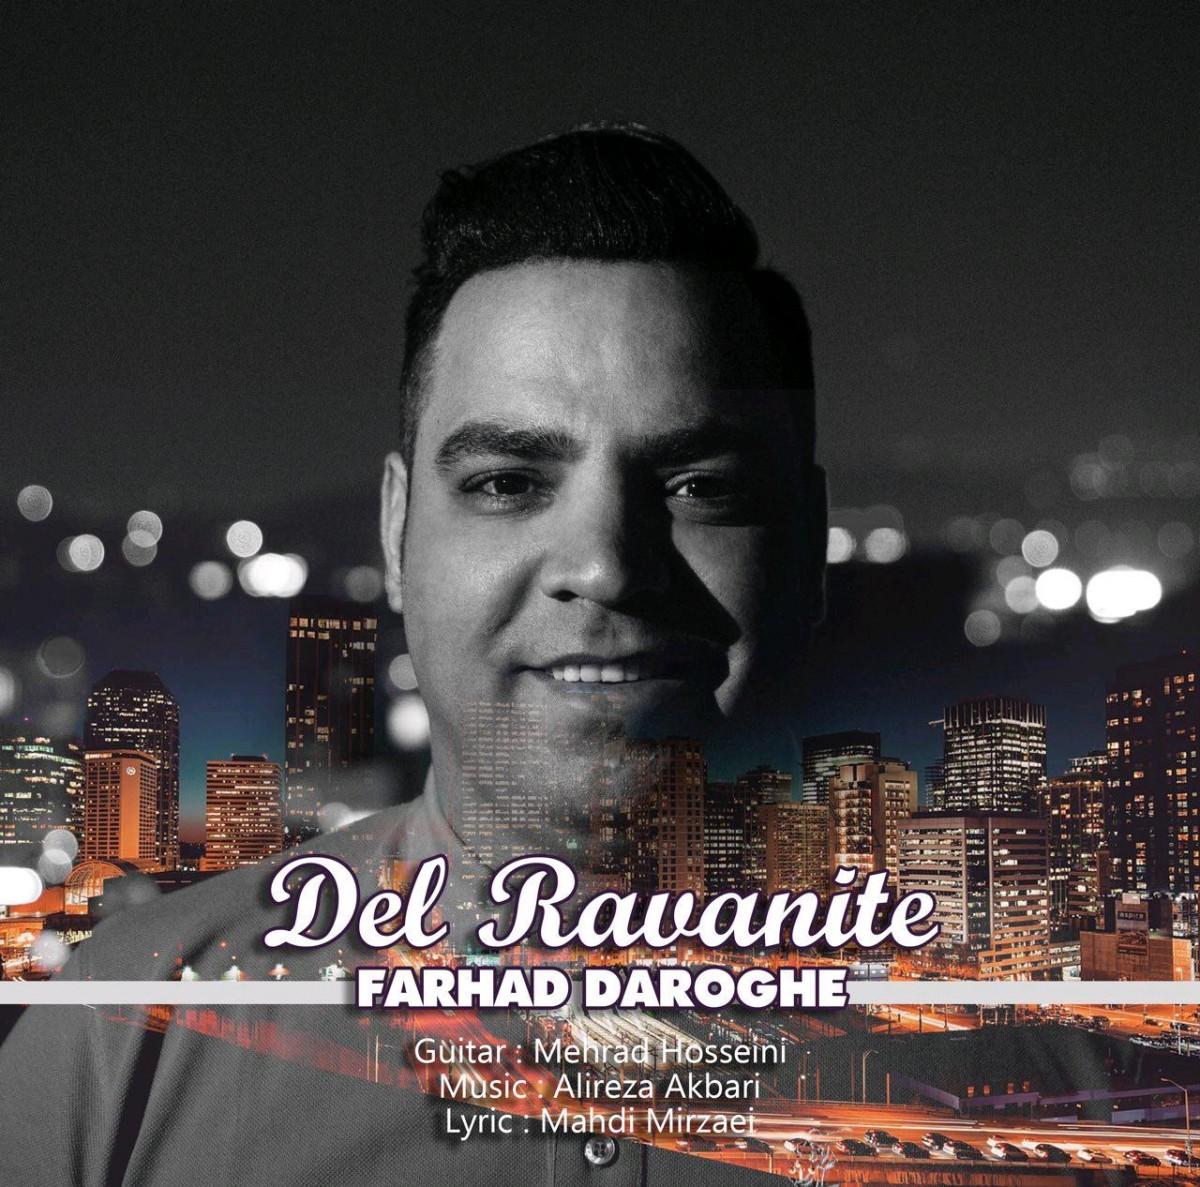 نامبر وان موزیک | دانلود آهنگ جدید Farhad-Daroghe-Del-Ravanite